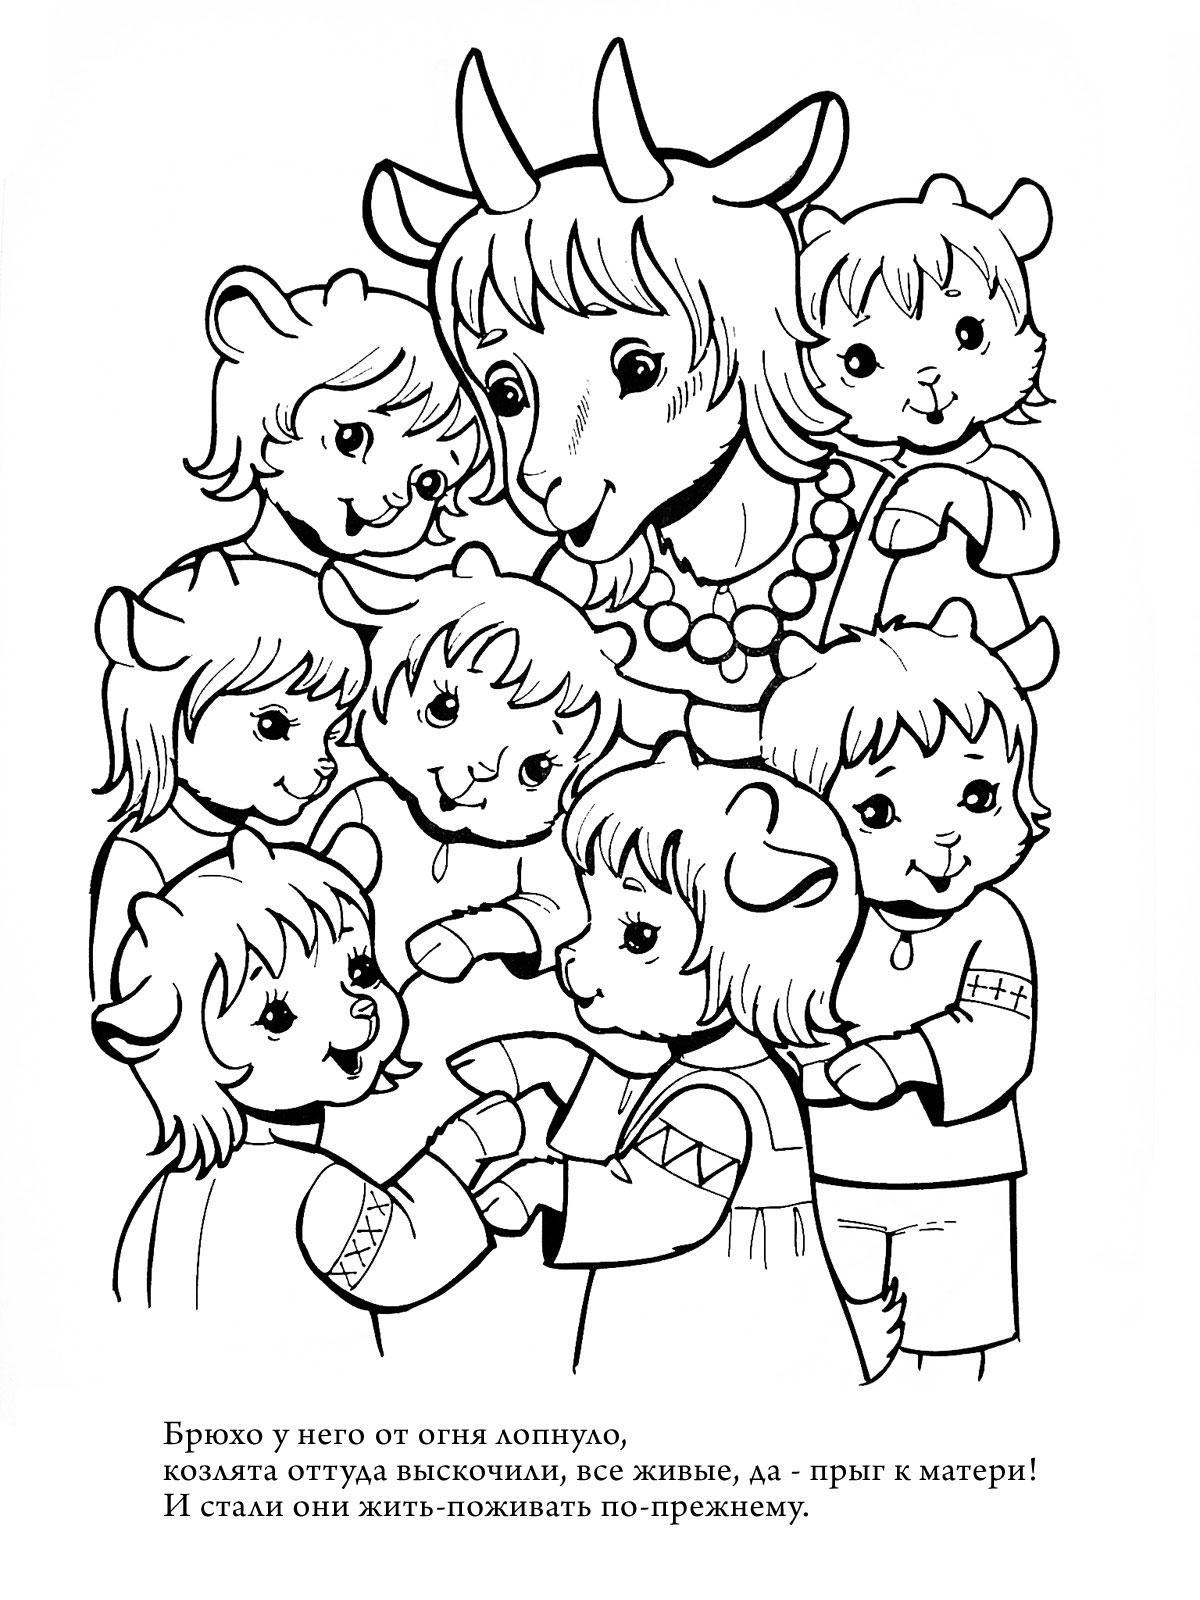 Розмальовки Розмальовки по казках розмальовки до казки семеро козенят, казка розфарбування